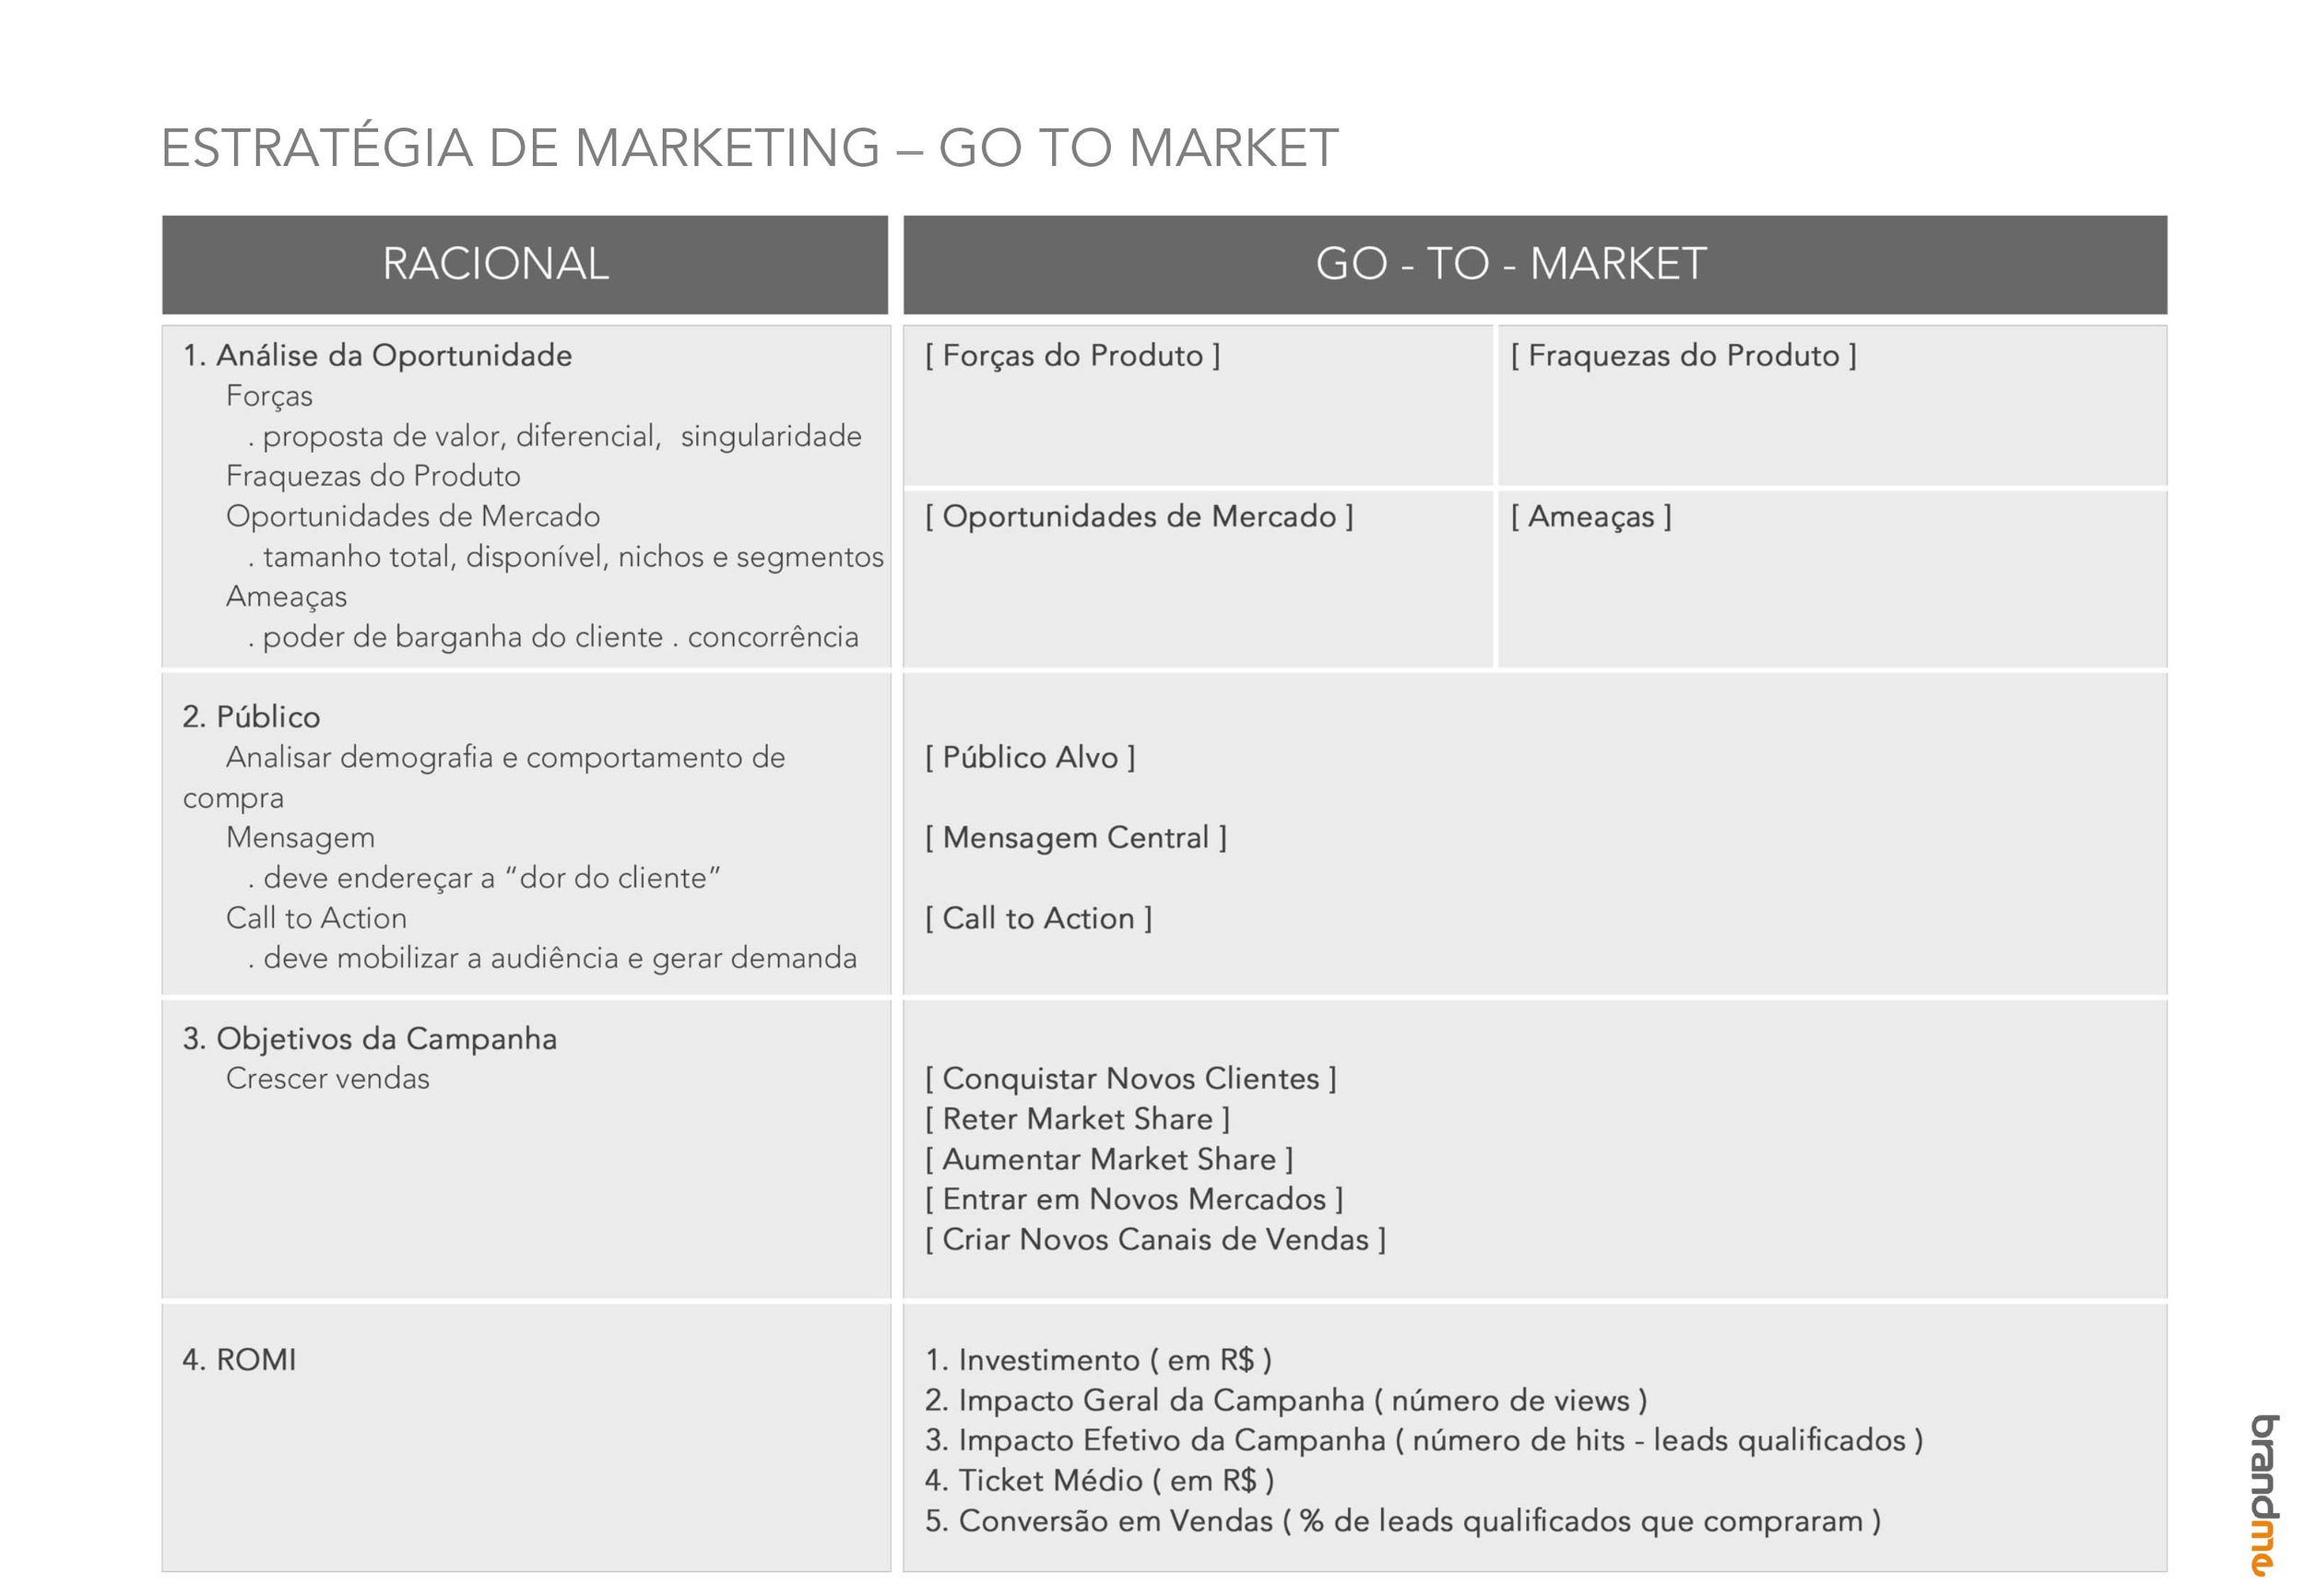 Estratégia de Marketing - GO TO MARKET